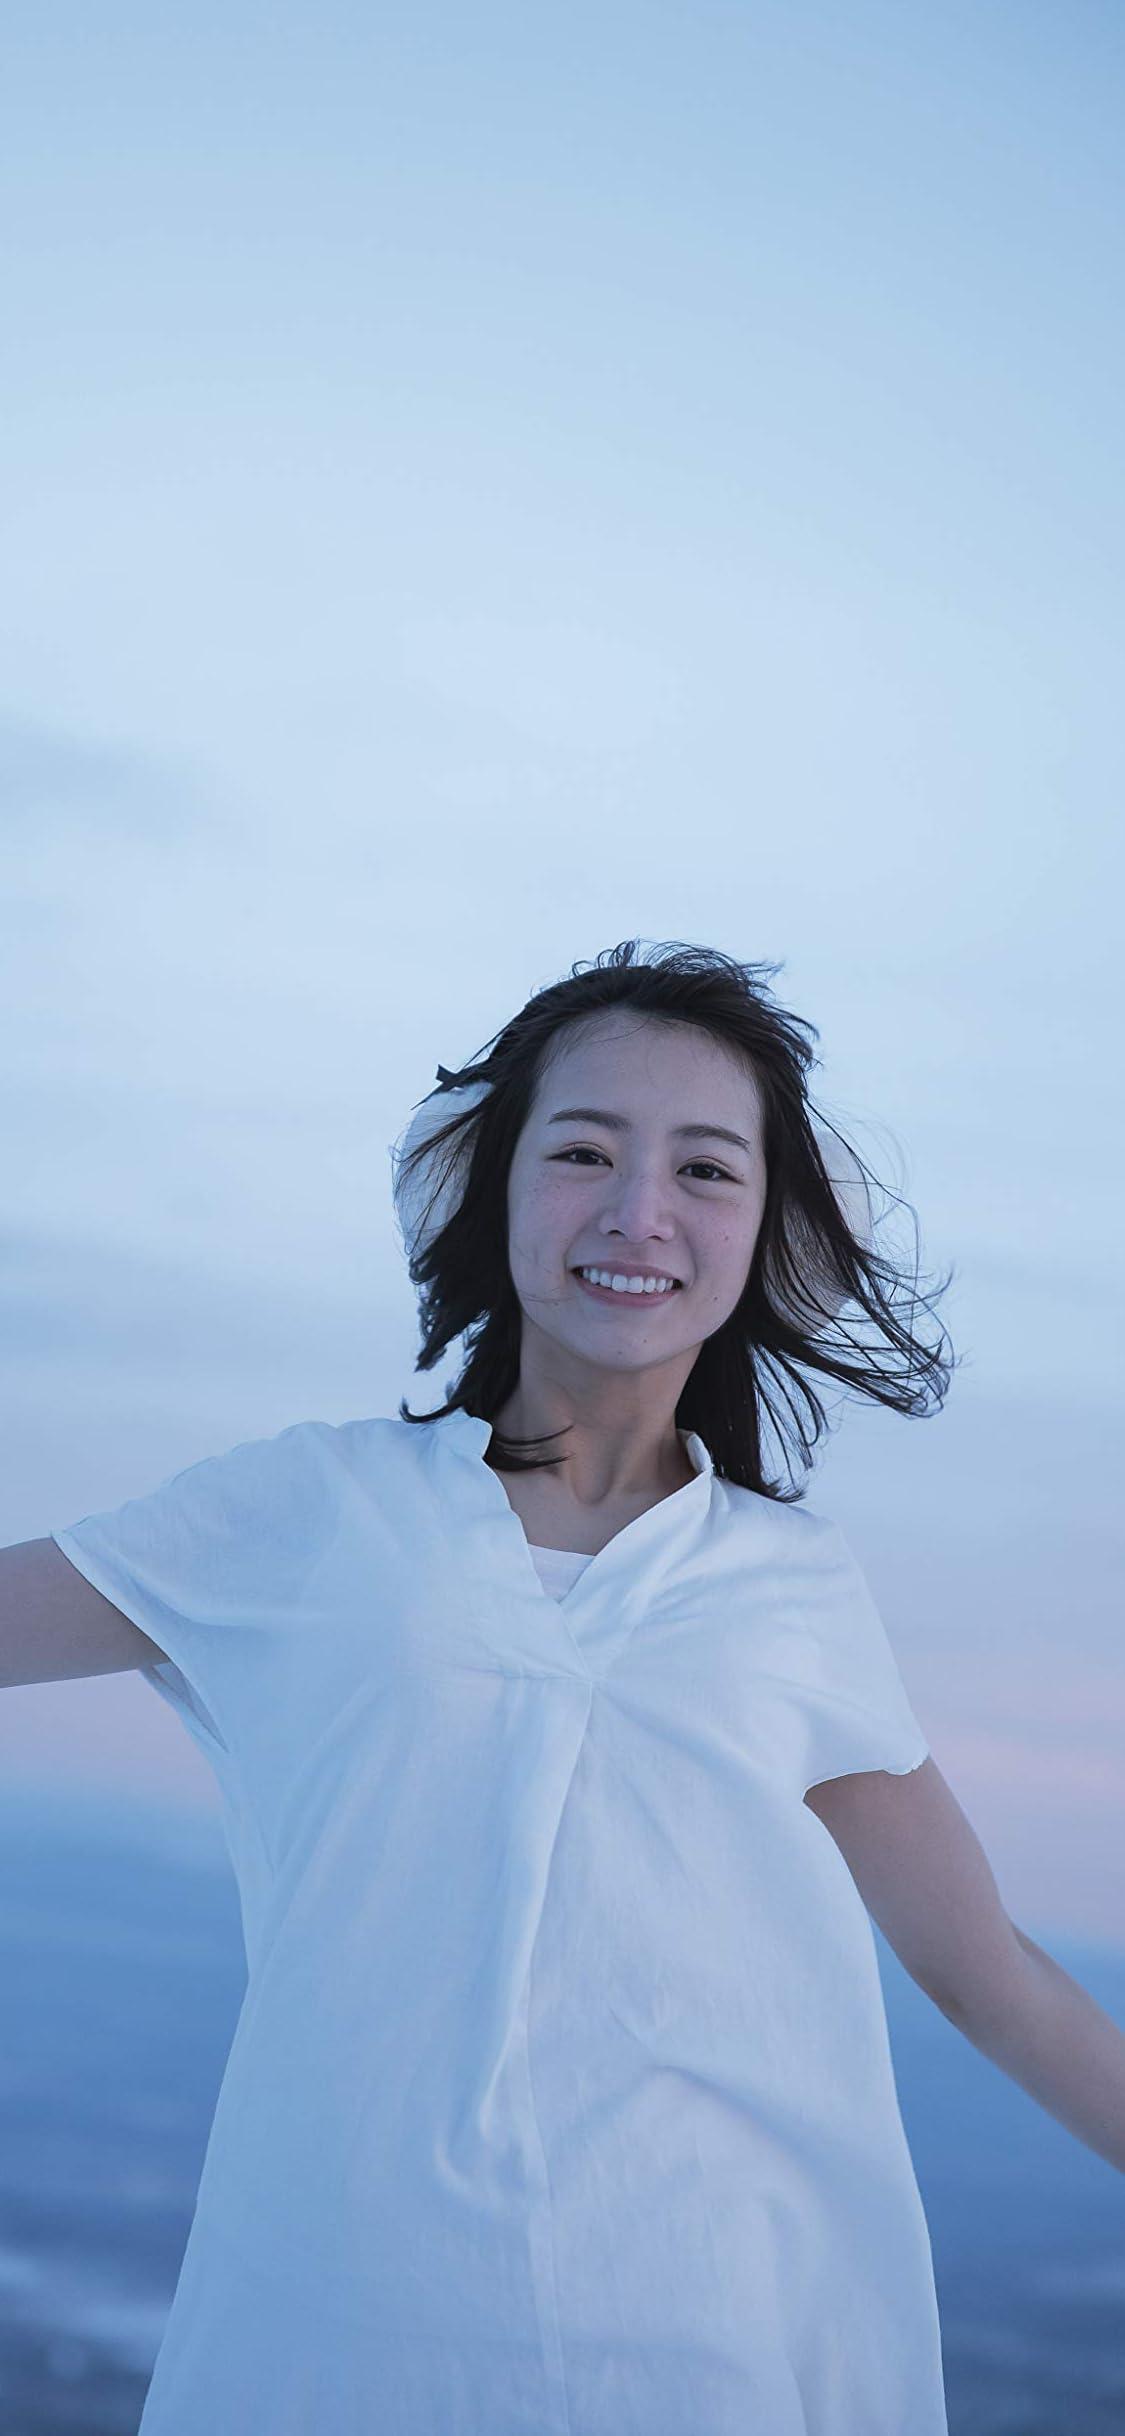 乃木坂46 Iphone X 壁紙 1125x2436 北野日奈子 女性タレント スマホ用画像